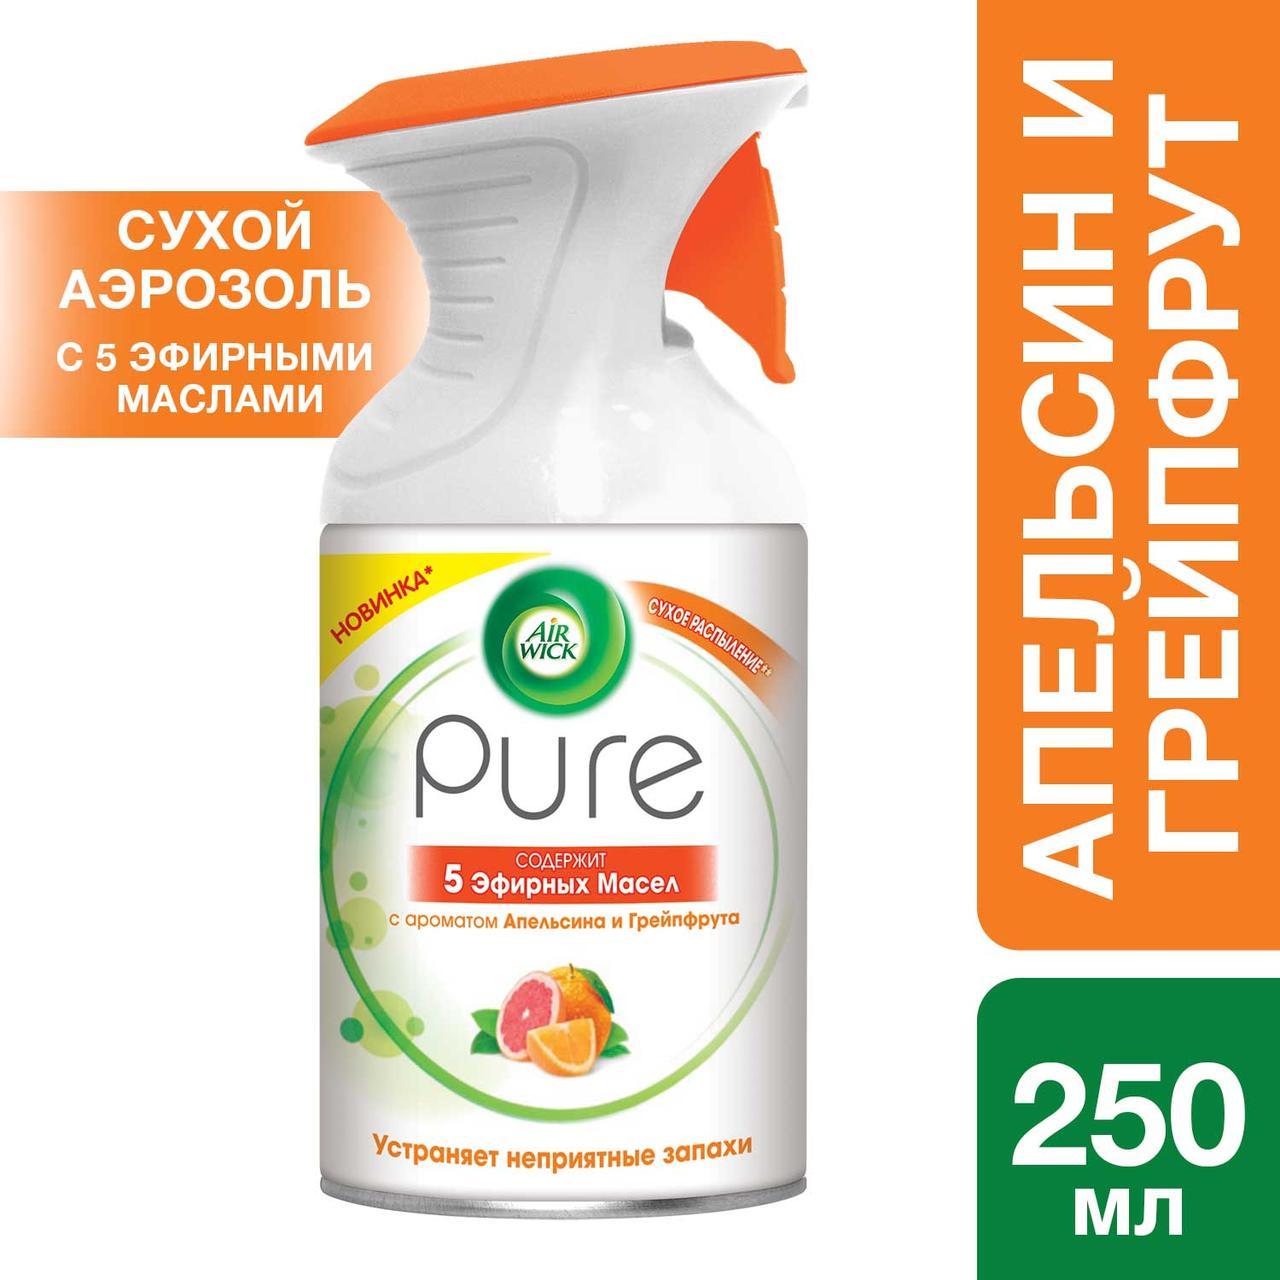 Аэрозольный освежитель воздуха Air Wick Pure c ароматом Апельсин и Грейпфрут 250 мл